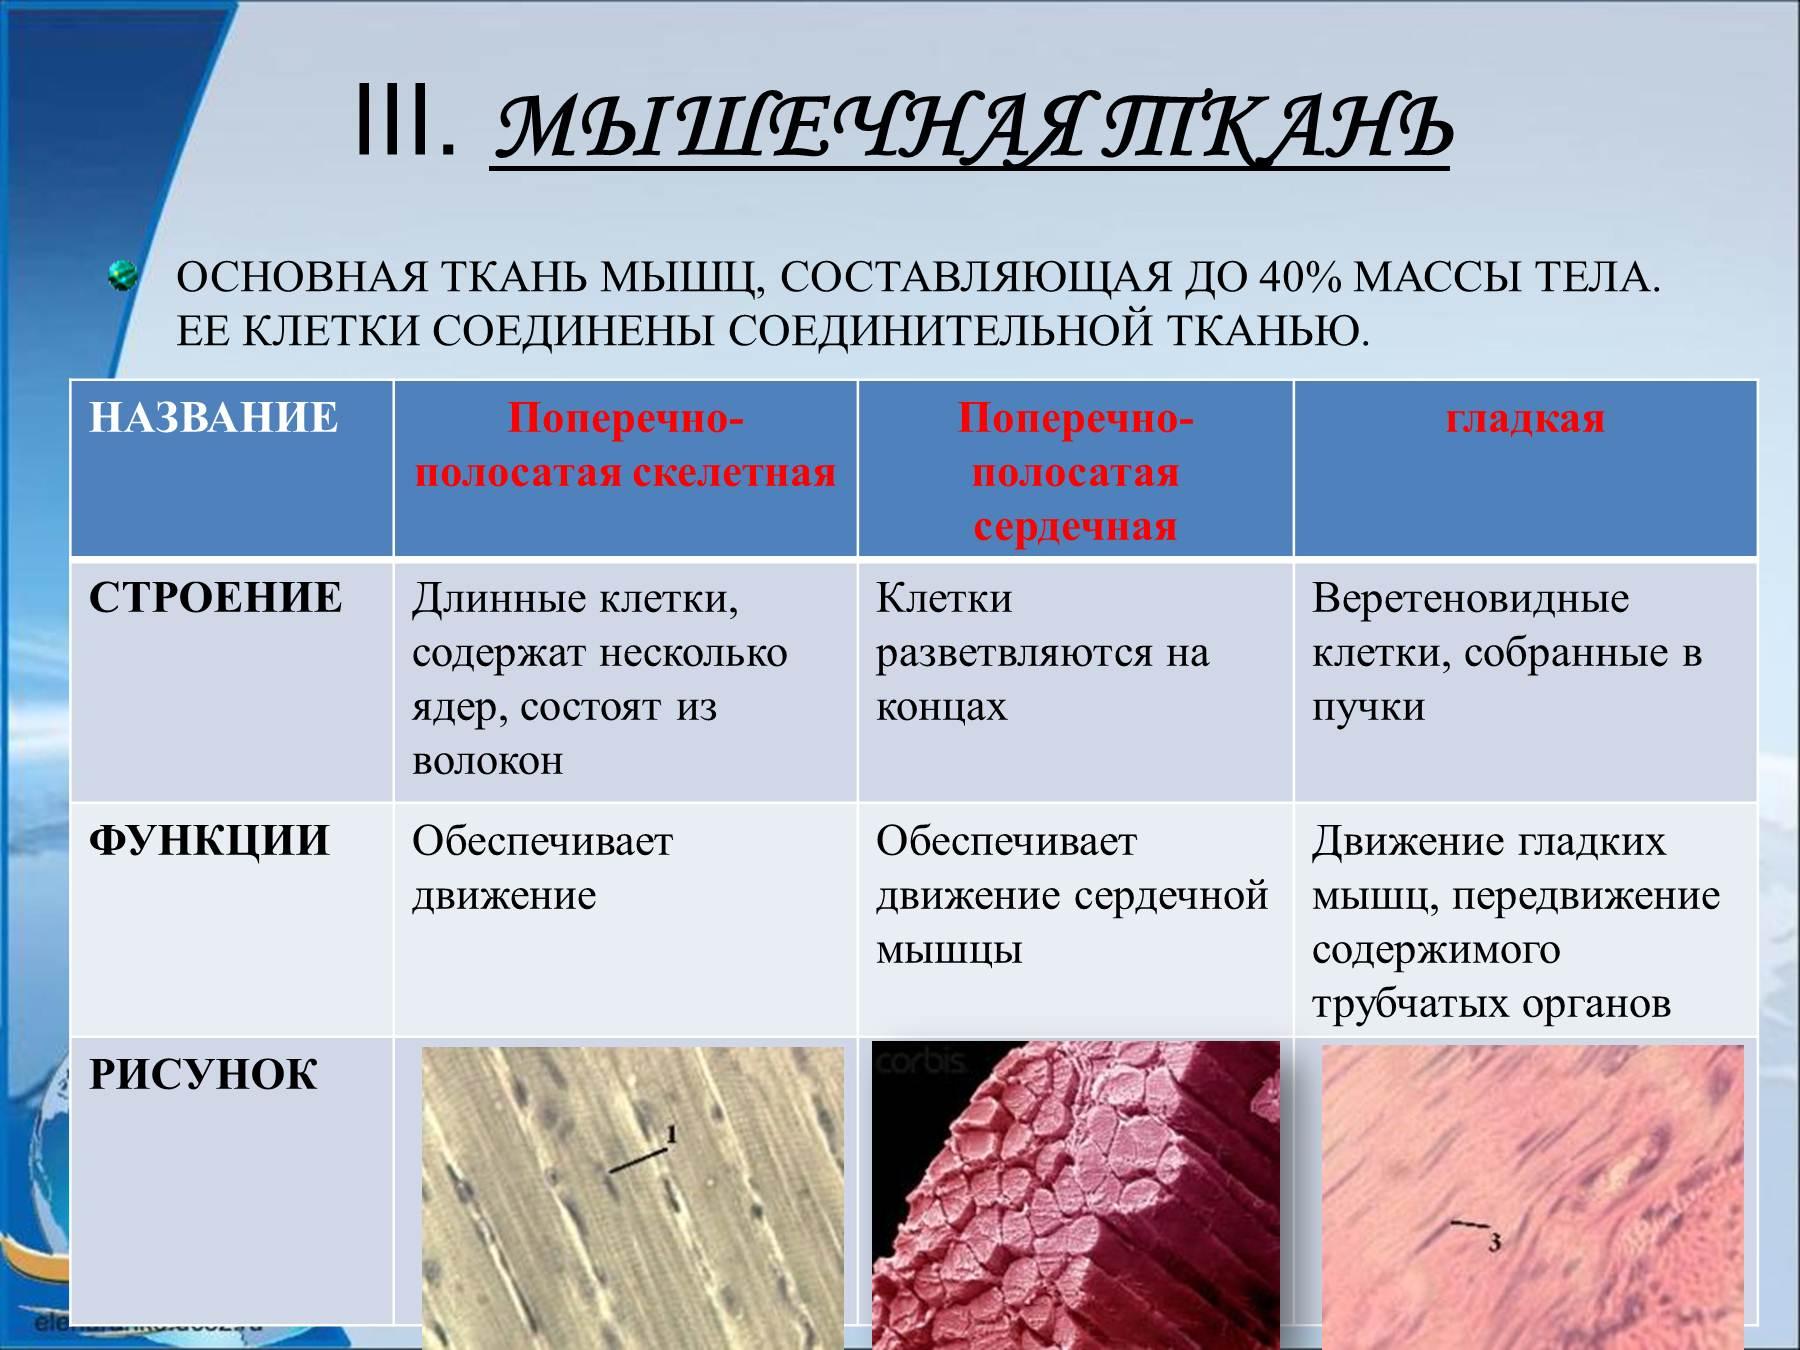 Схема строения гладкой мышечной клетки